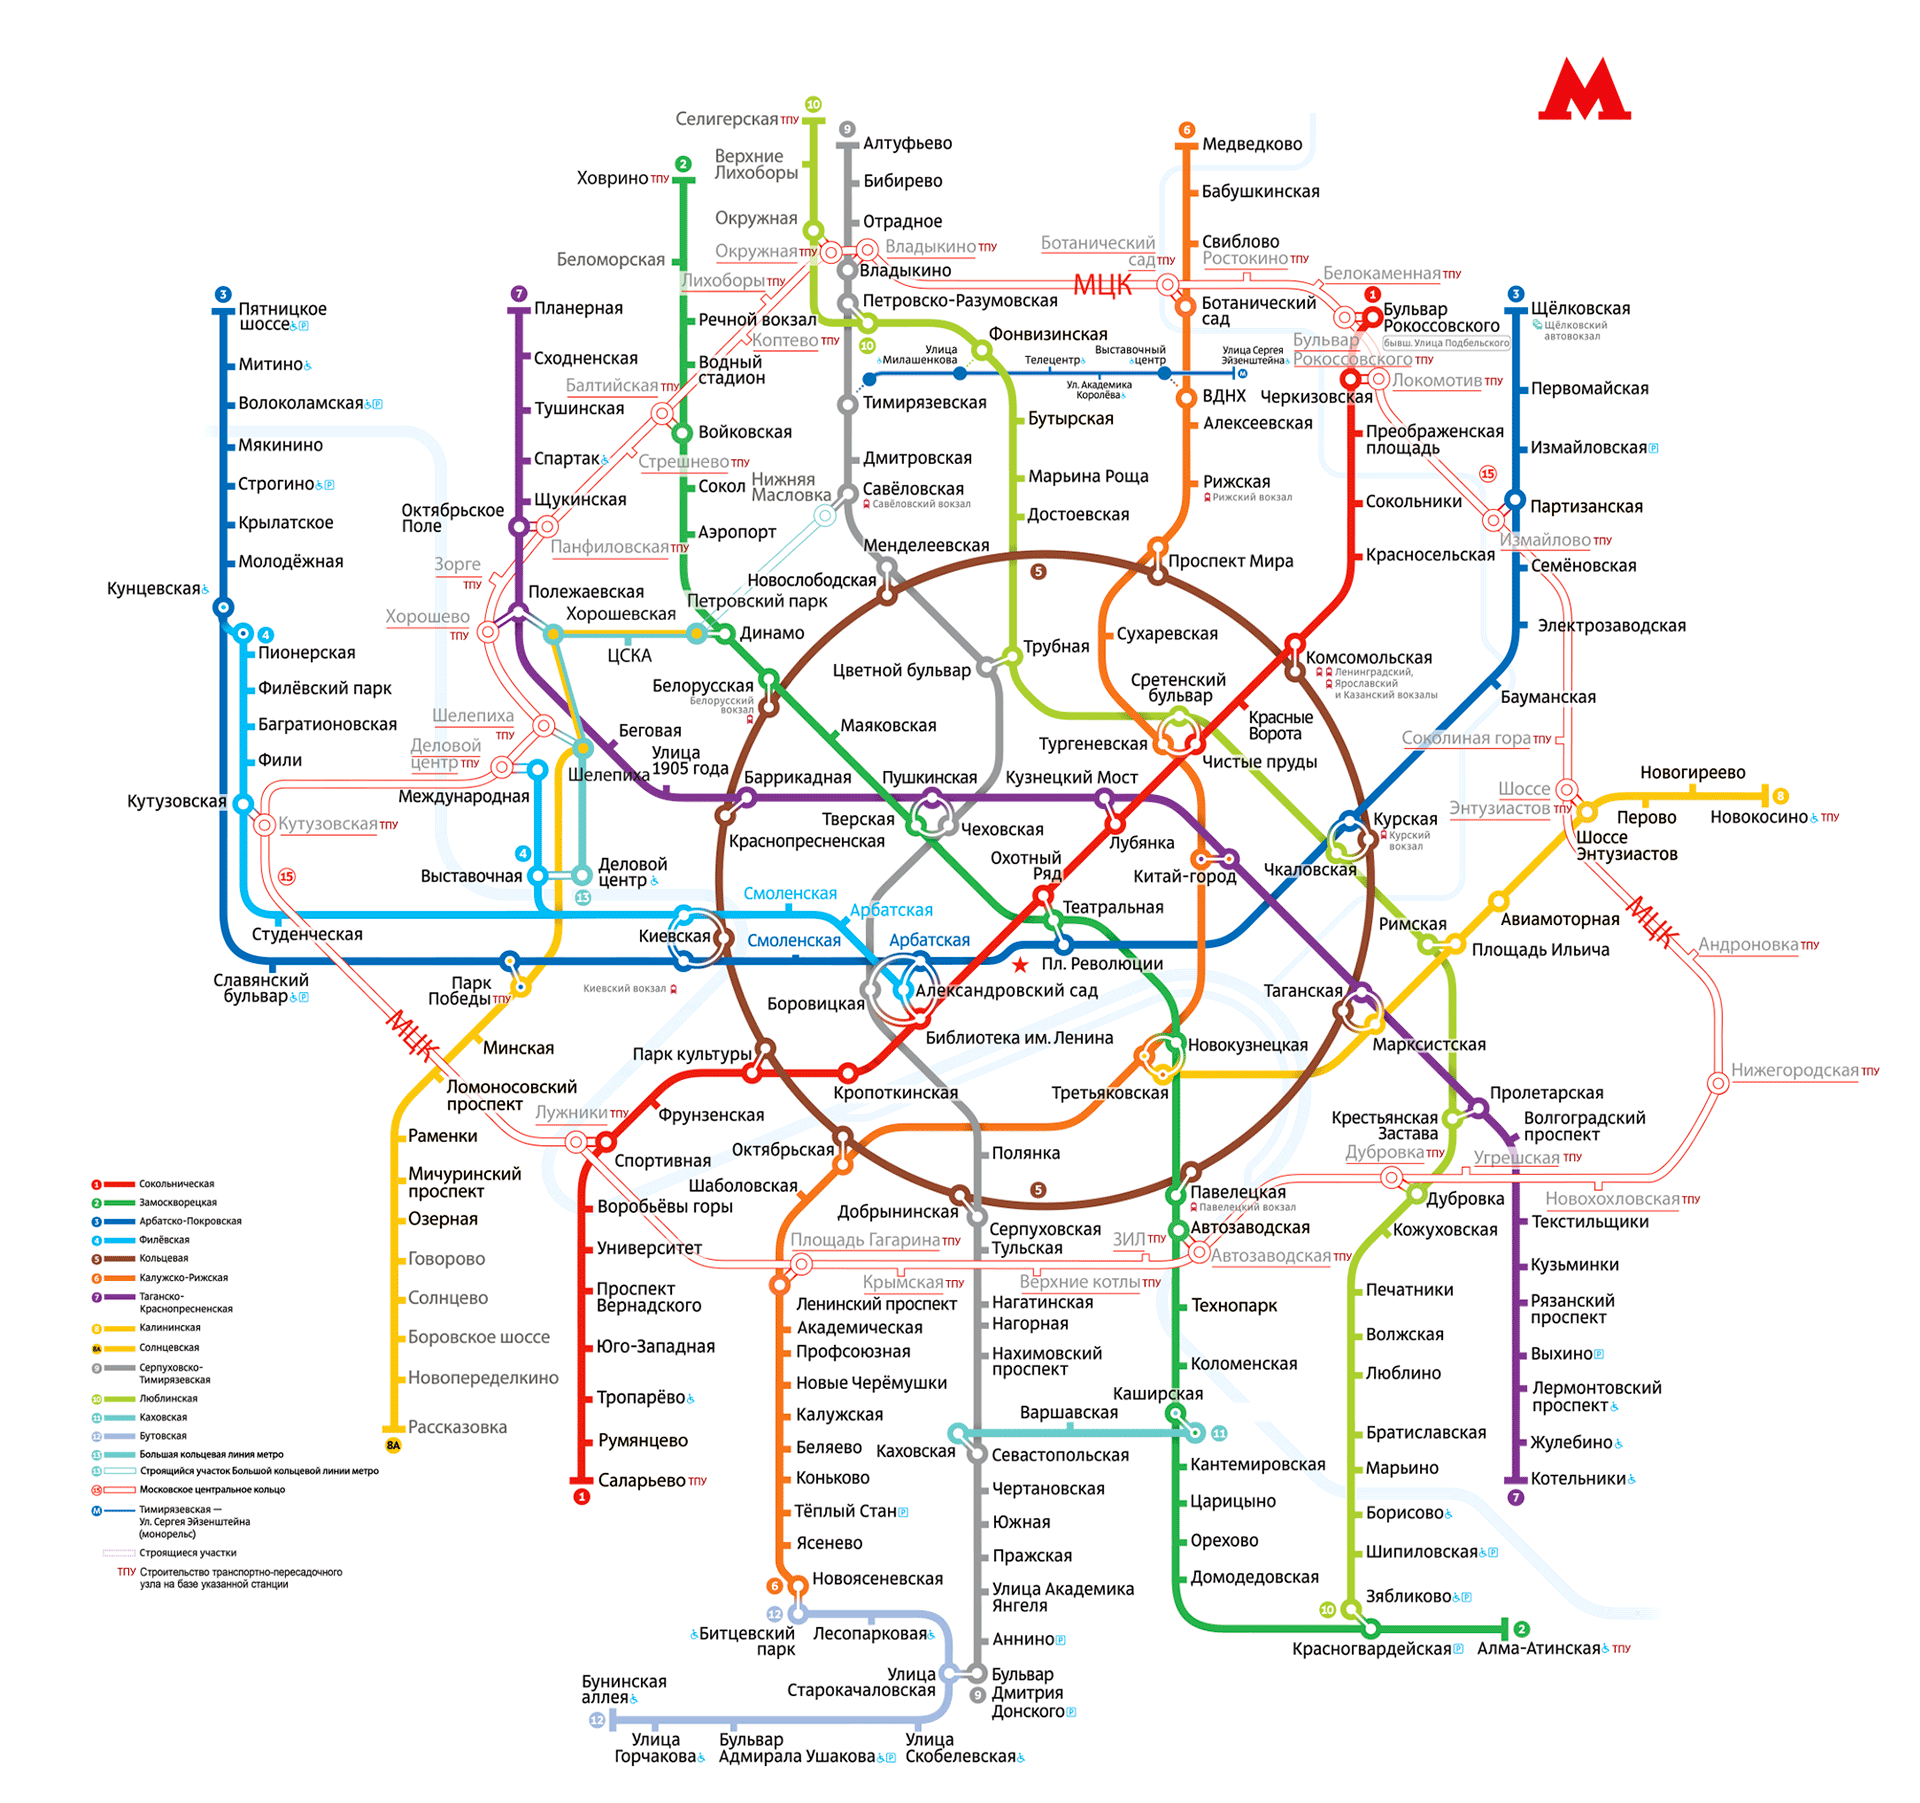 Эффективная реклама в метро на эскалаторах, станциях и в вагонах